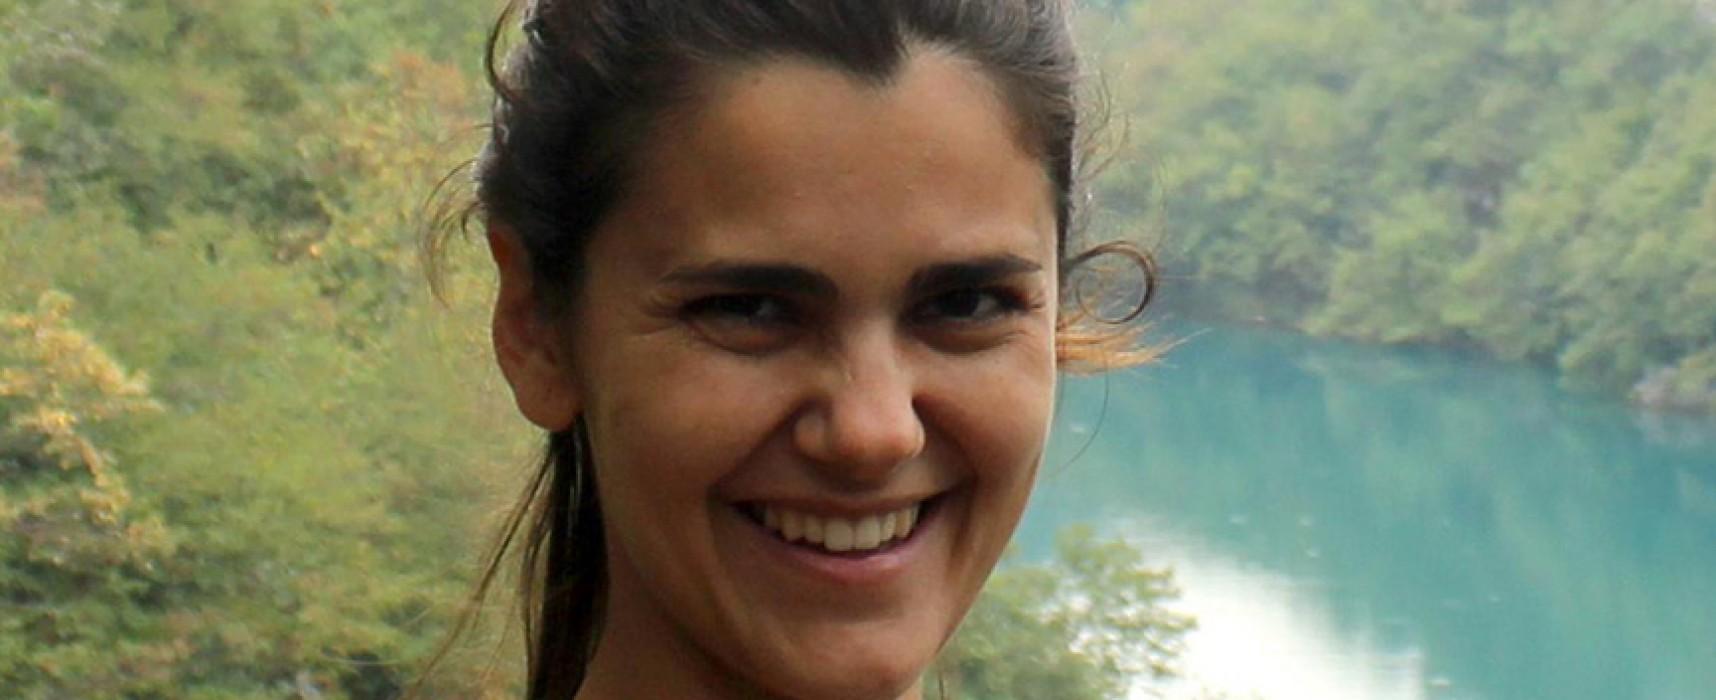 Fitoterapia: Notas Naturales para una vida más sana